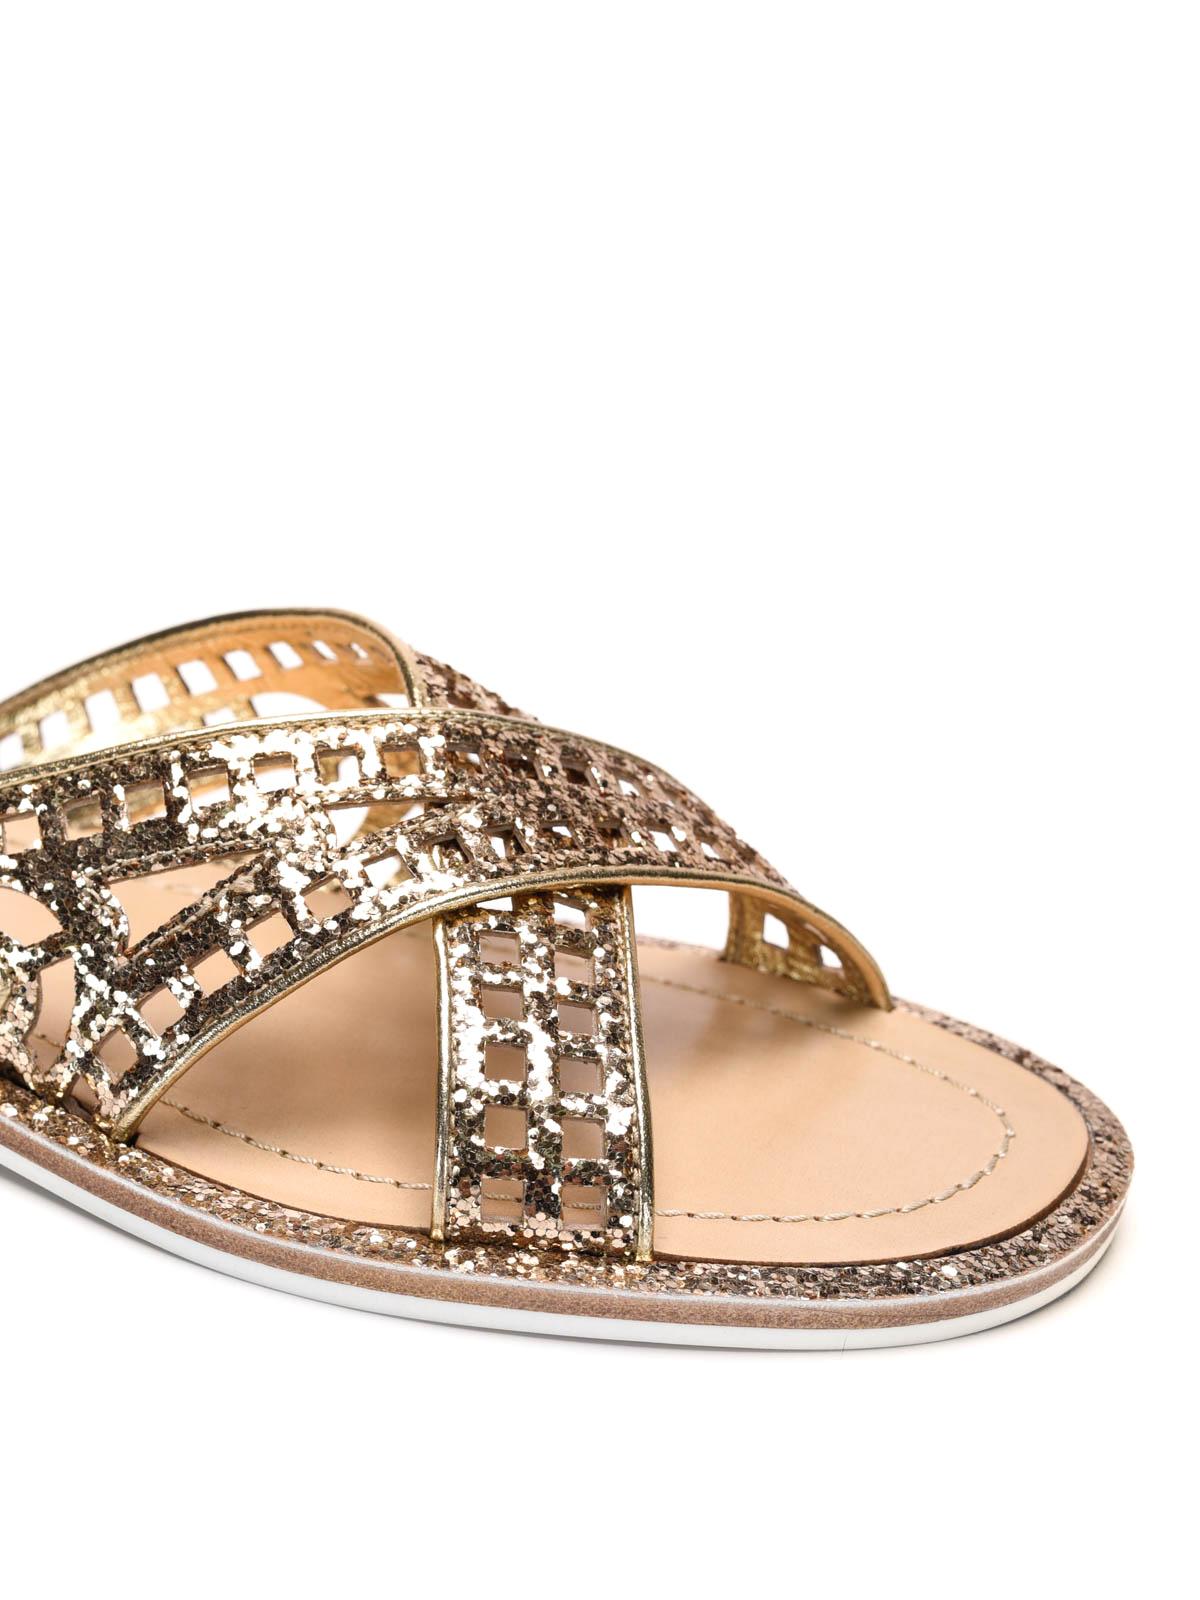 63fe667aaa0 Car Shoe - Sandalias Doradas Para Mujer - Sandalias - KDX19N 36B F0522